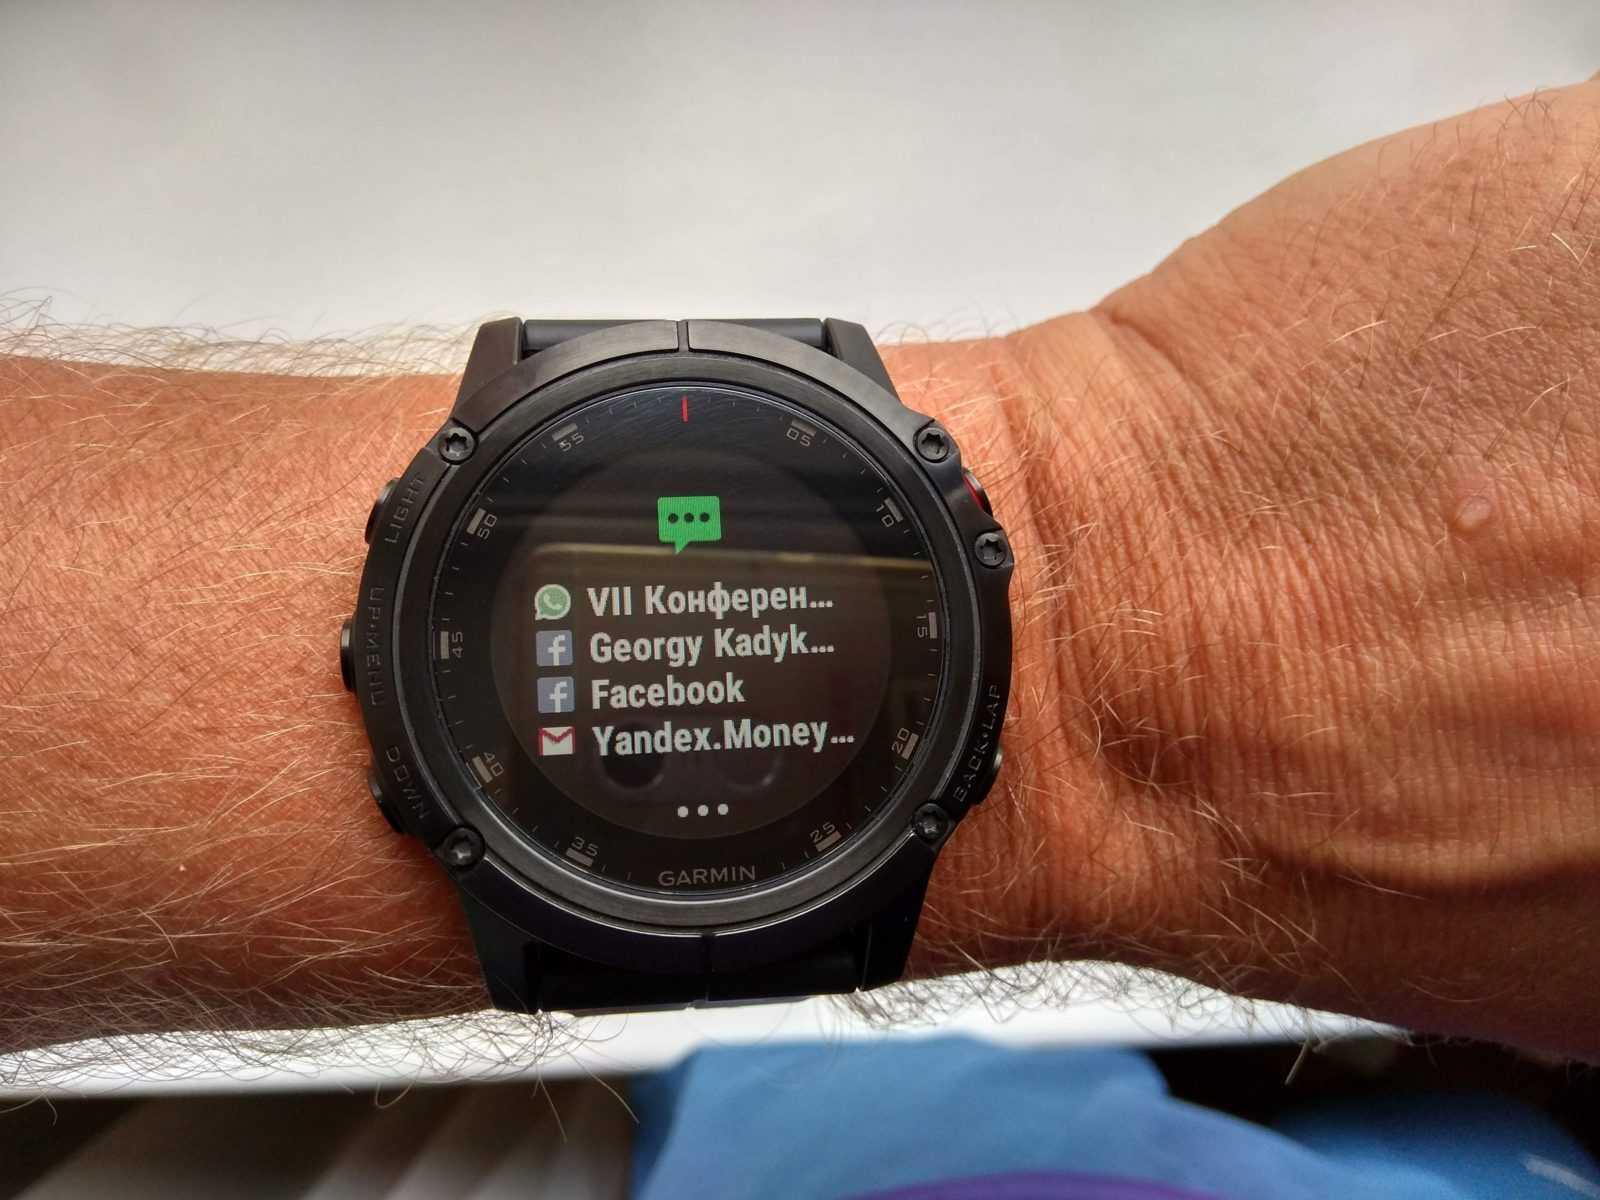 Обзор серии часов garmin fenix 6 - впервые с солнечной батареей